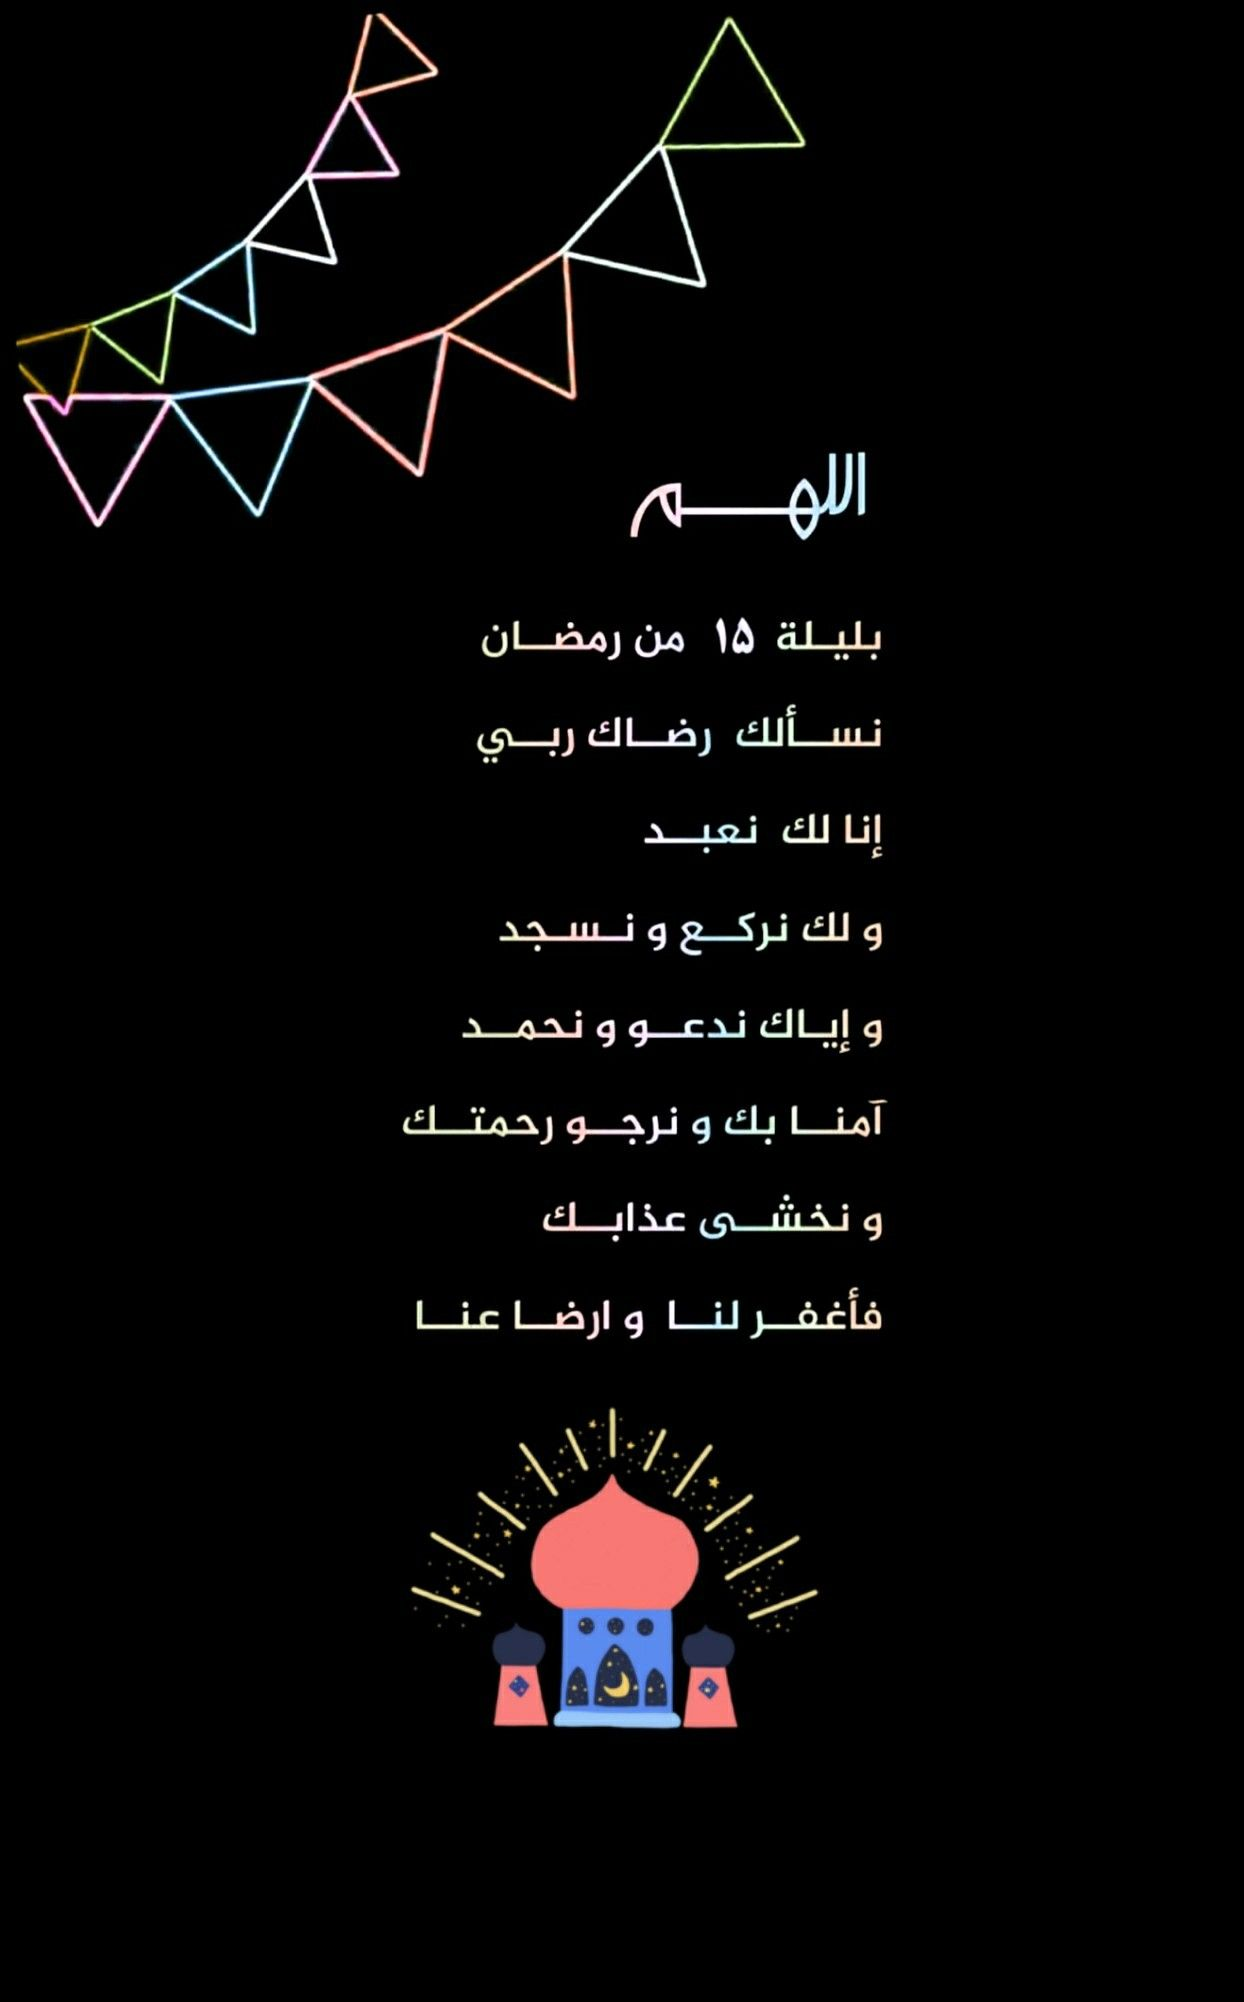 اللهــــم بليـلة ١٥ من رمضــان نســألك رضــاك ربــي إنا لك نعبــد ولك نركــع ونـسـجد وإيـاك ندعــو و نحمــد آمنــا Ramadan Cards Ramadan Greetings Ramadan